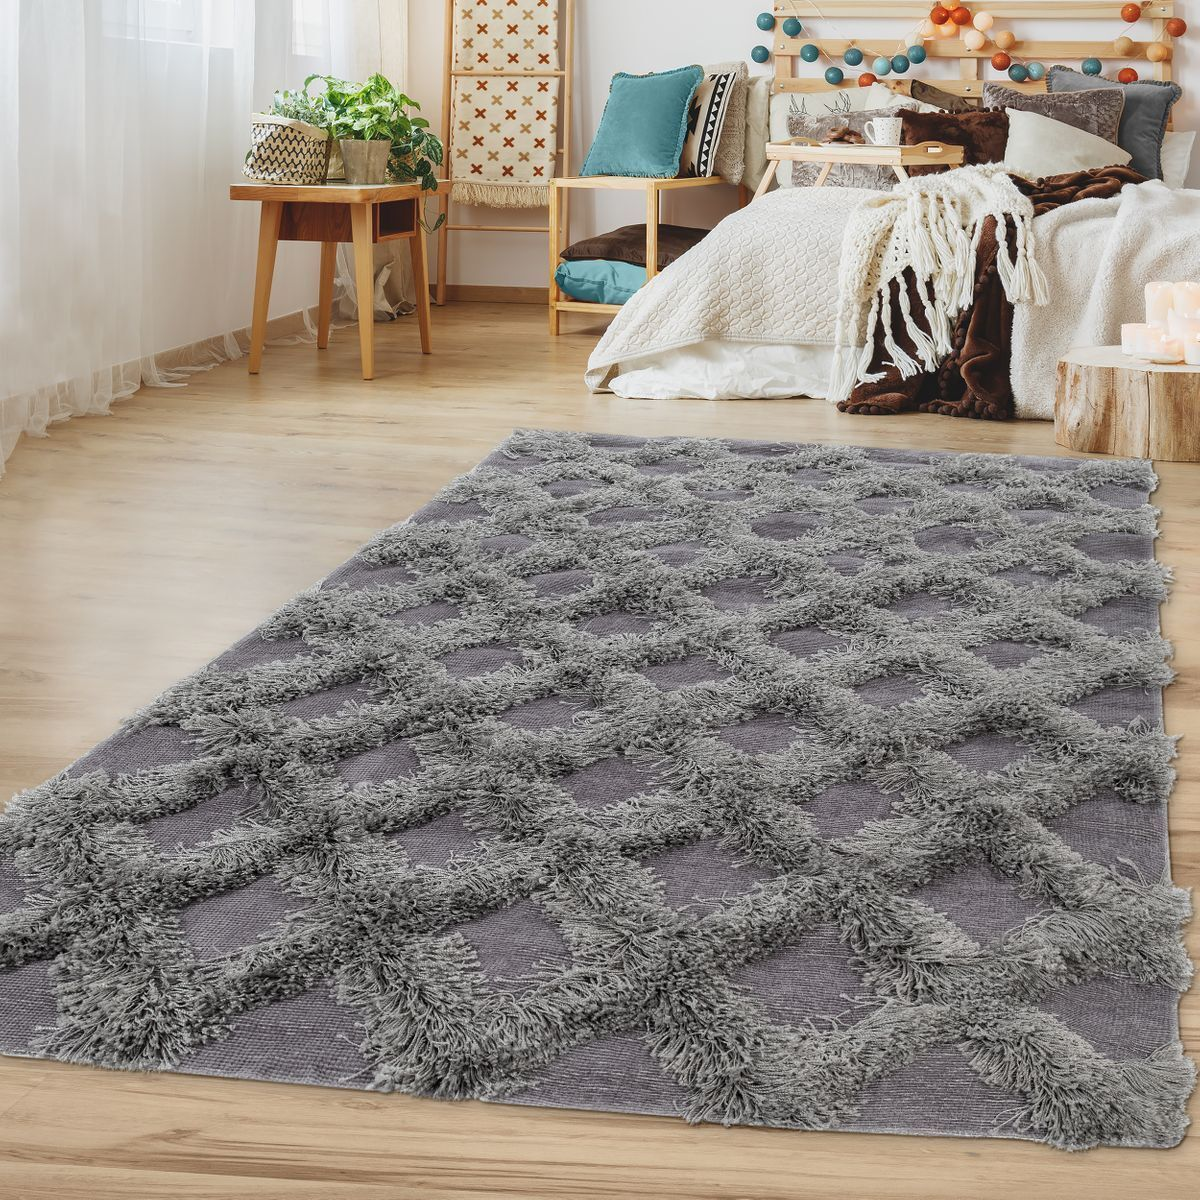 Hochflor Wohnzimmer Teppich Teppich Teppich Karo Muster Einfarbig Geometrisches Design Grau ef9642